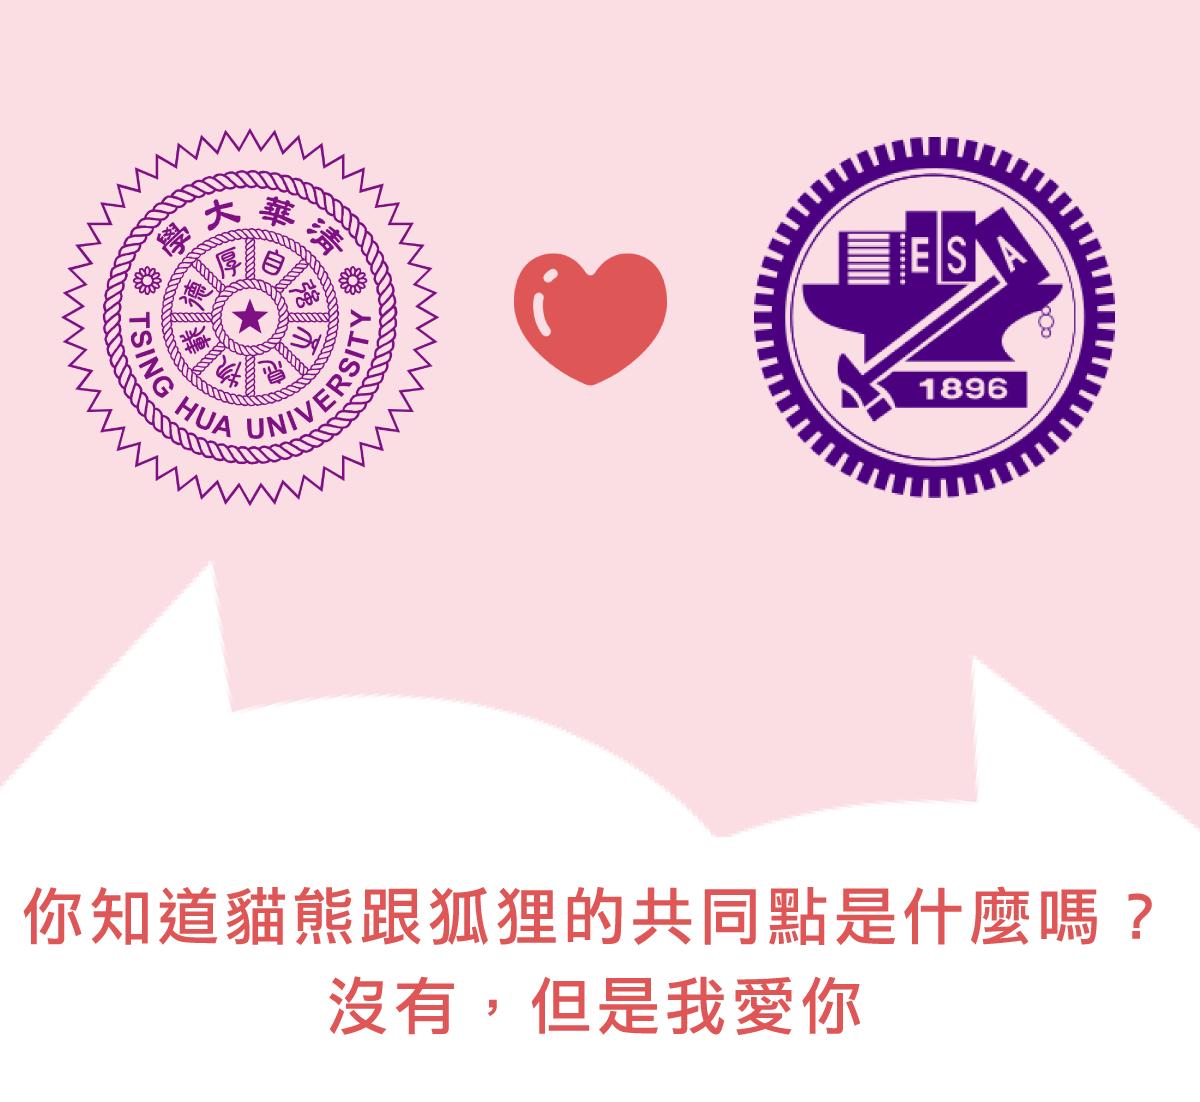 網友將大學擬人化,推敲可能的告白情話引發熱議。圖擷自《嘰咕Park》臉書粉絲專頁